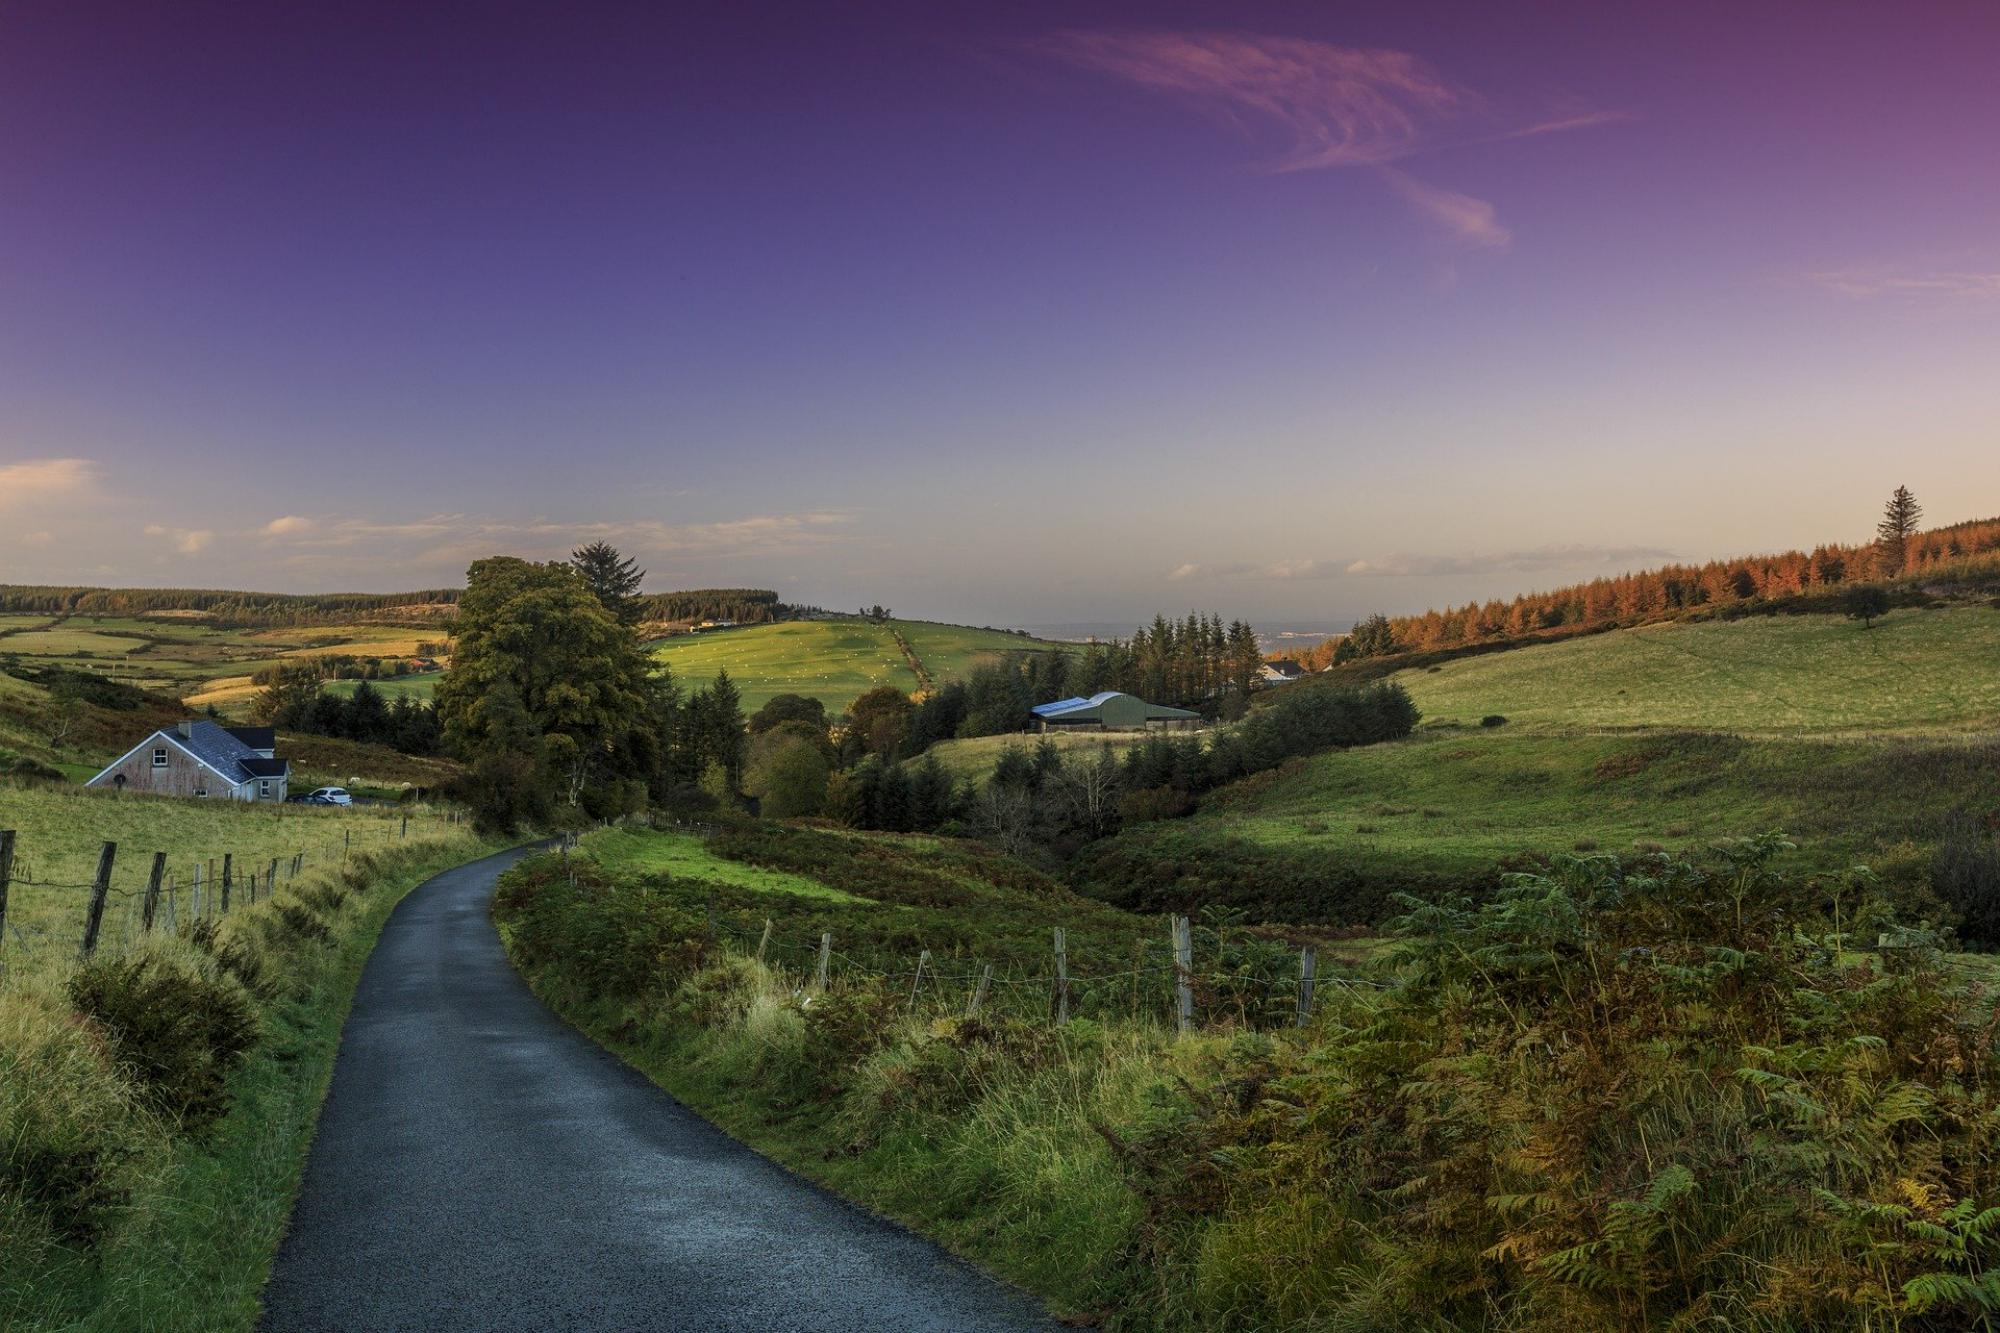 Campervan Hire in Northern Ireland | Motorhome Rental in Northern Ireland, UK